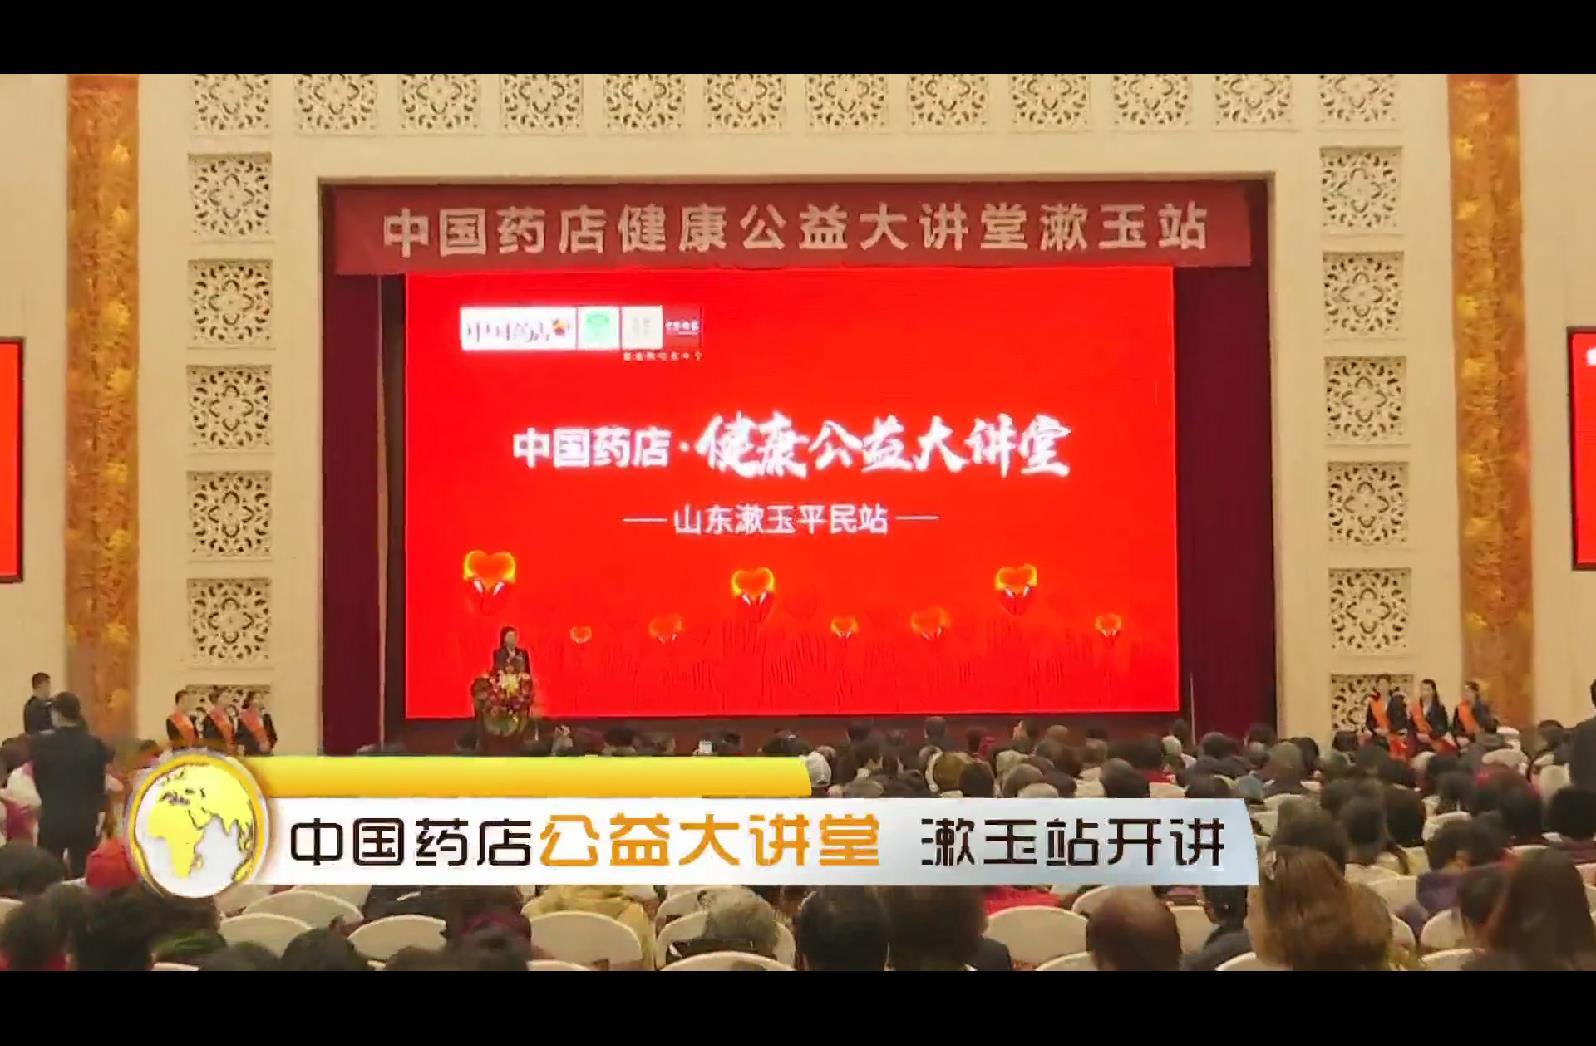 20190415《生活帮看天下》中国药店健康公益大讲堂漱玉站开讲